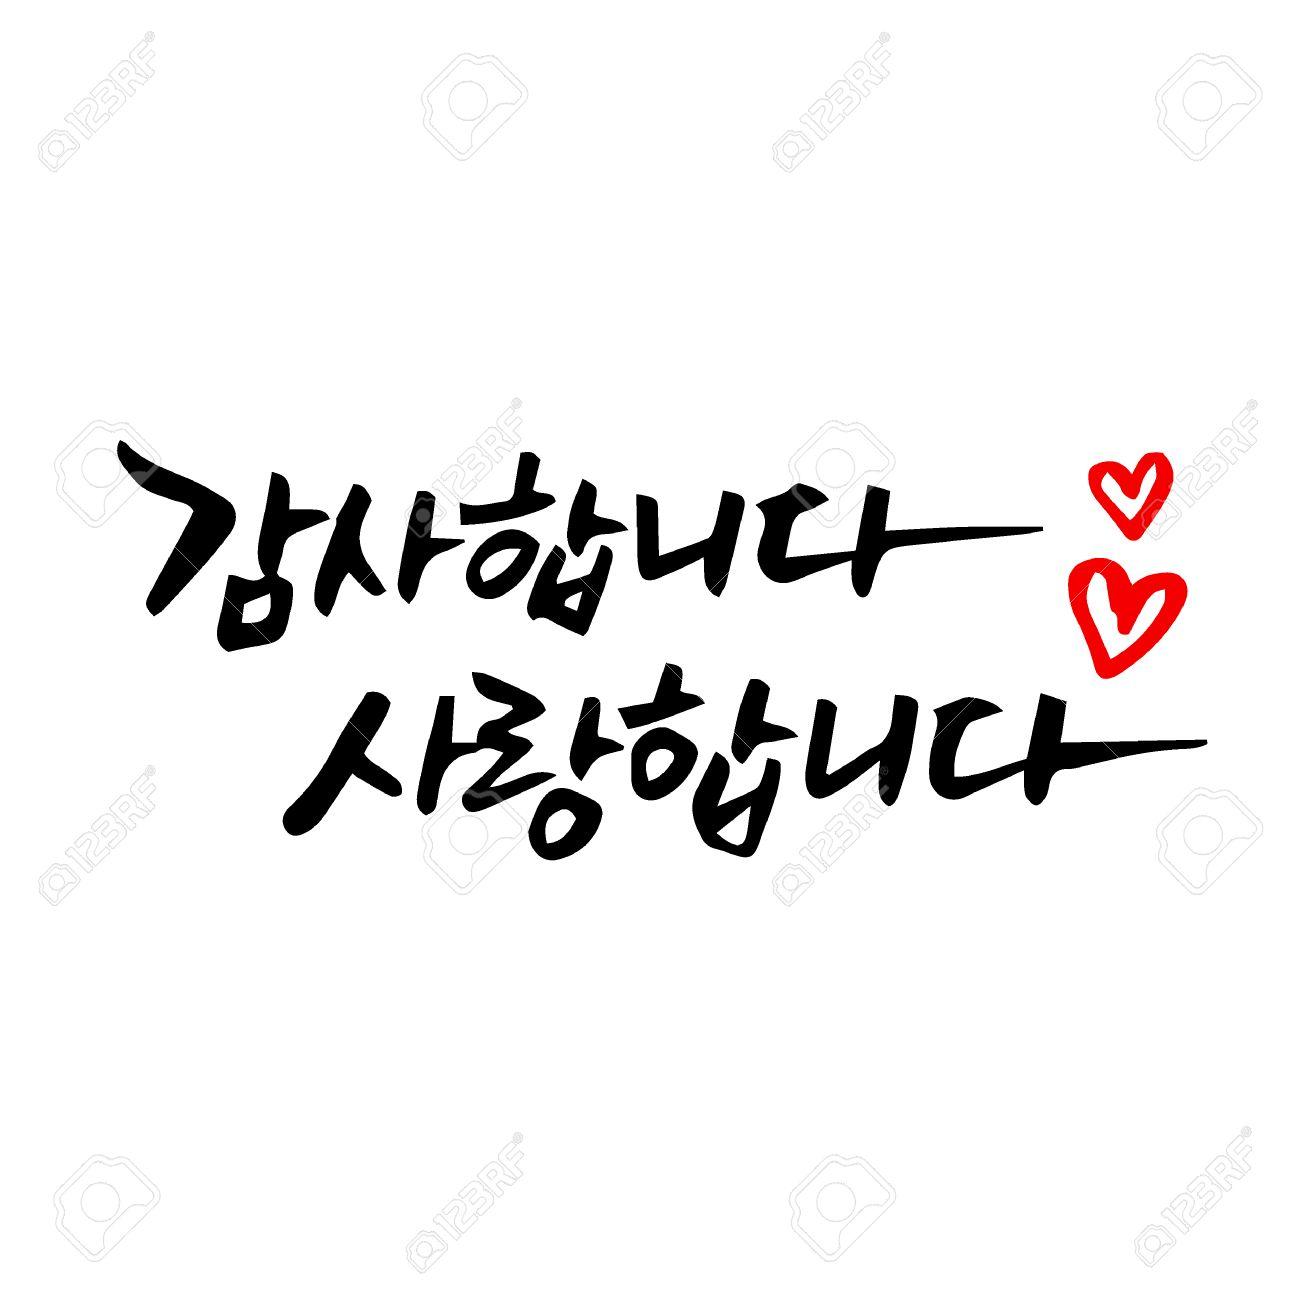 書道文字ありがとうございます韓国語のメッセージのイラスト素材ベクタ